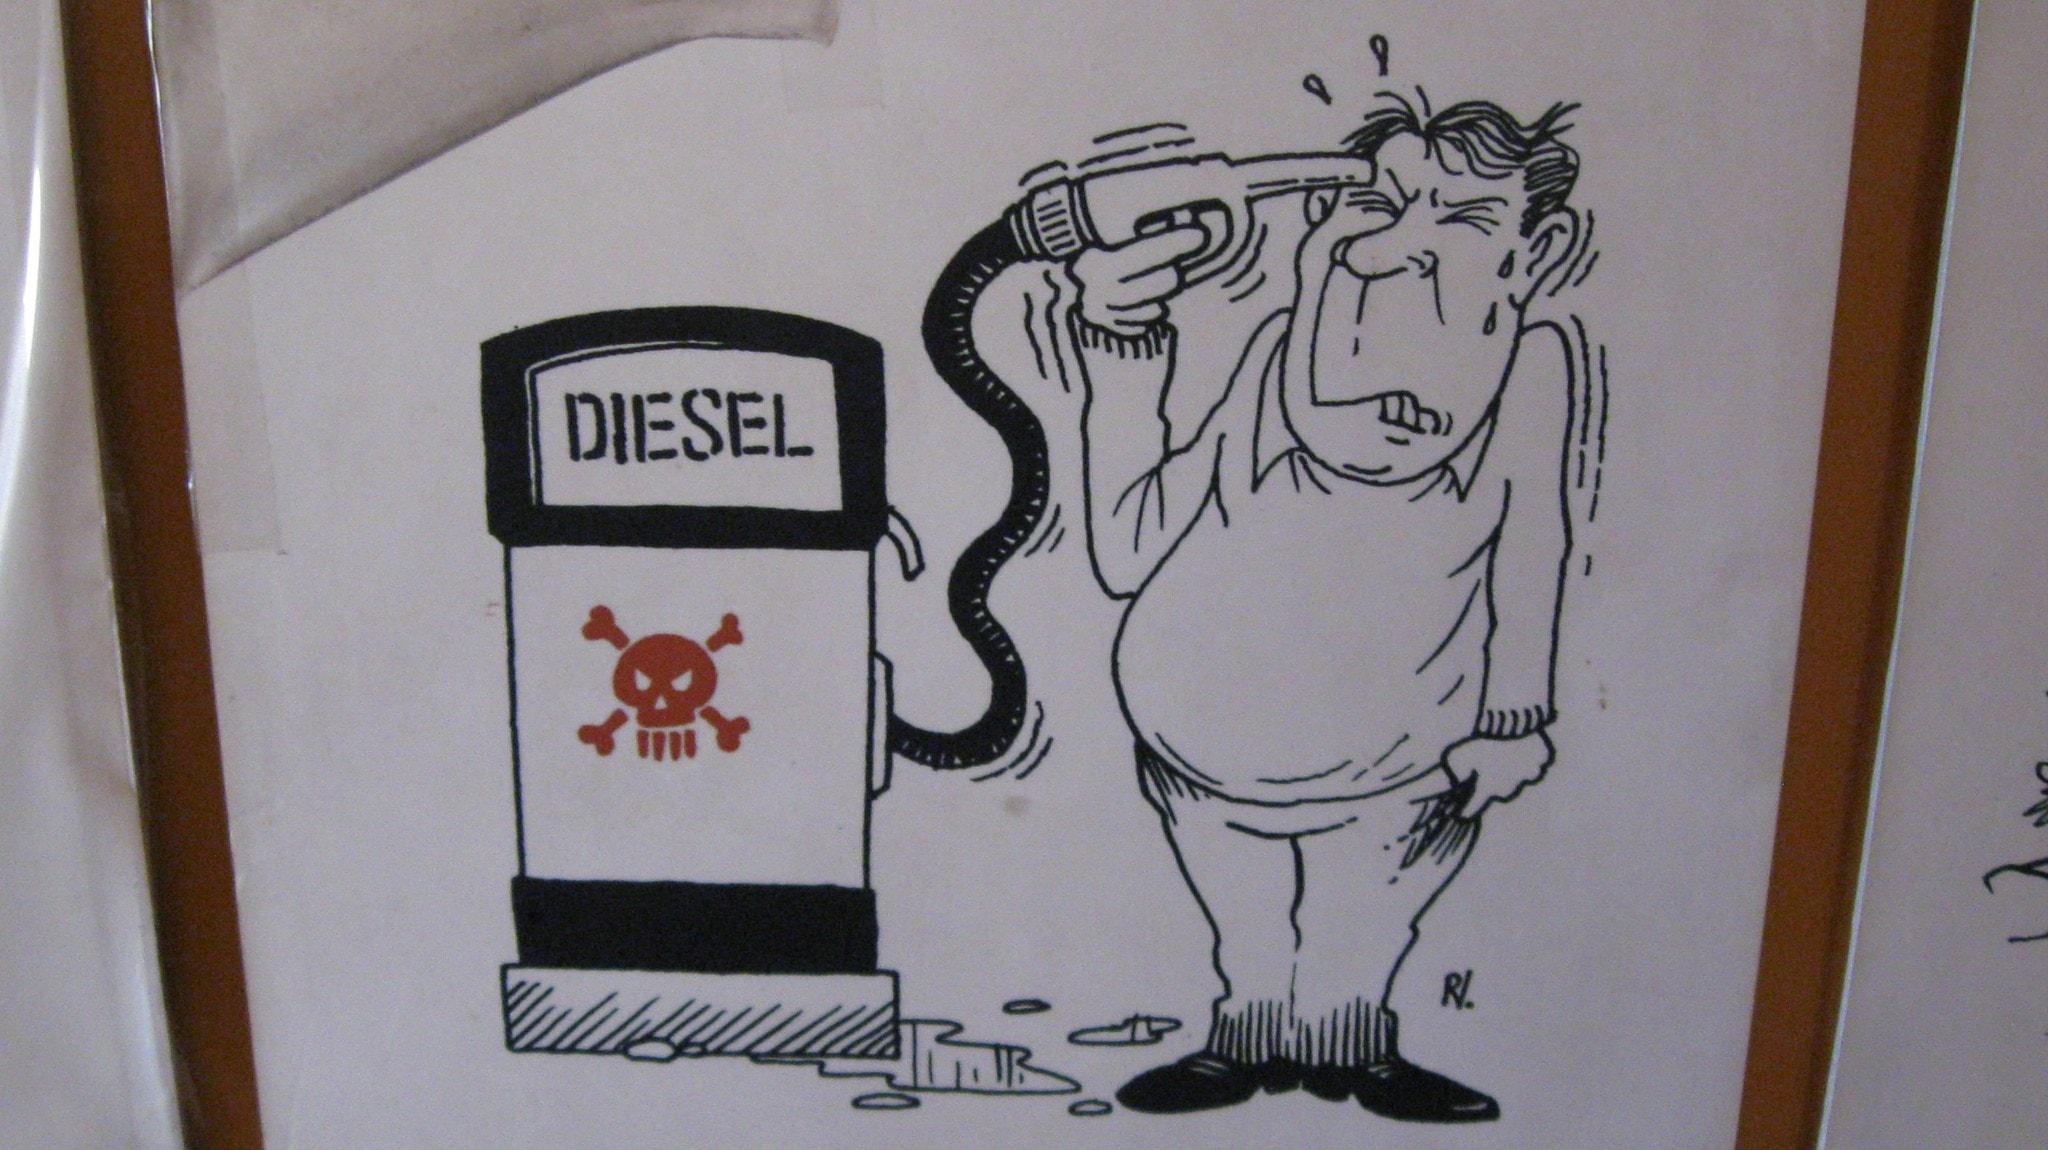 Dieselbilens död?